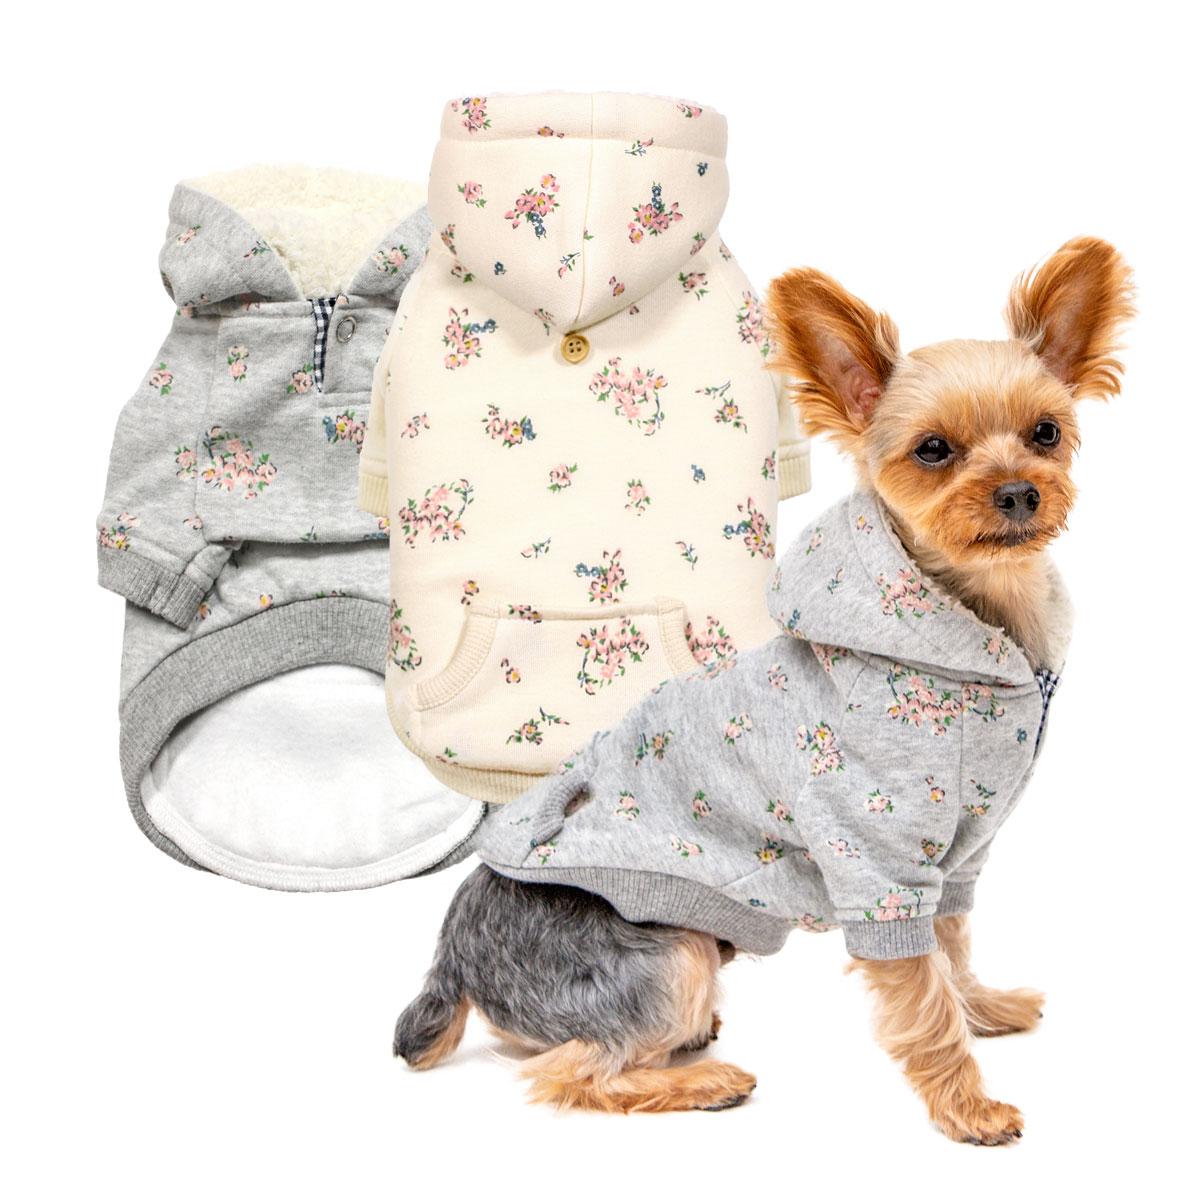 犬と生活 フラワーパーカー